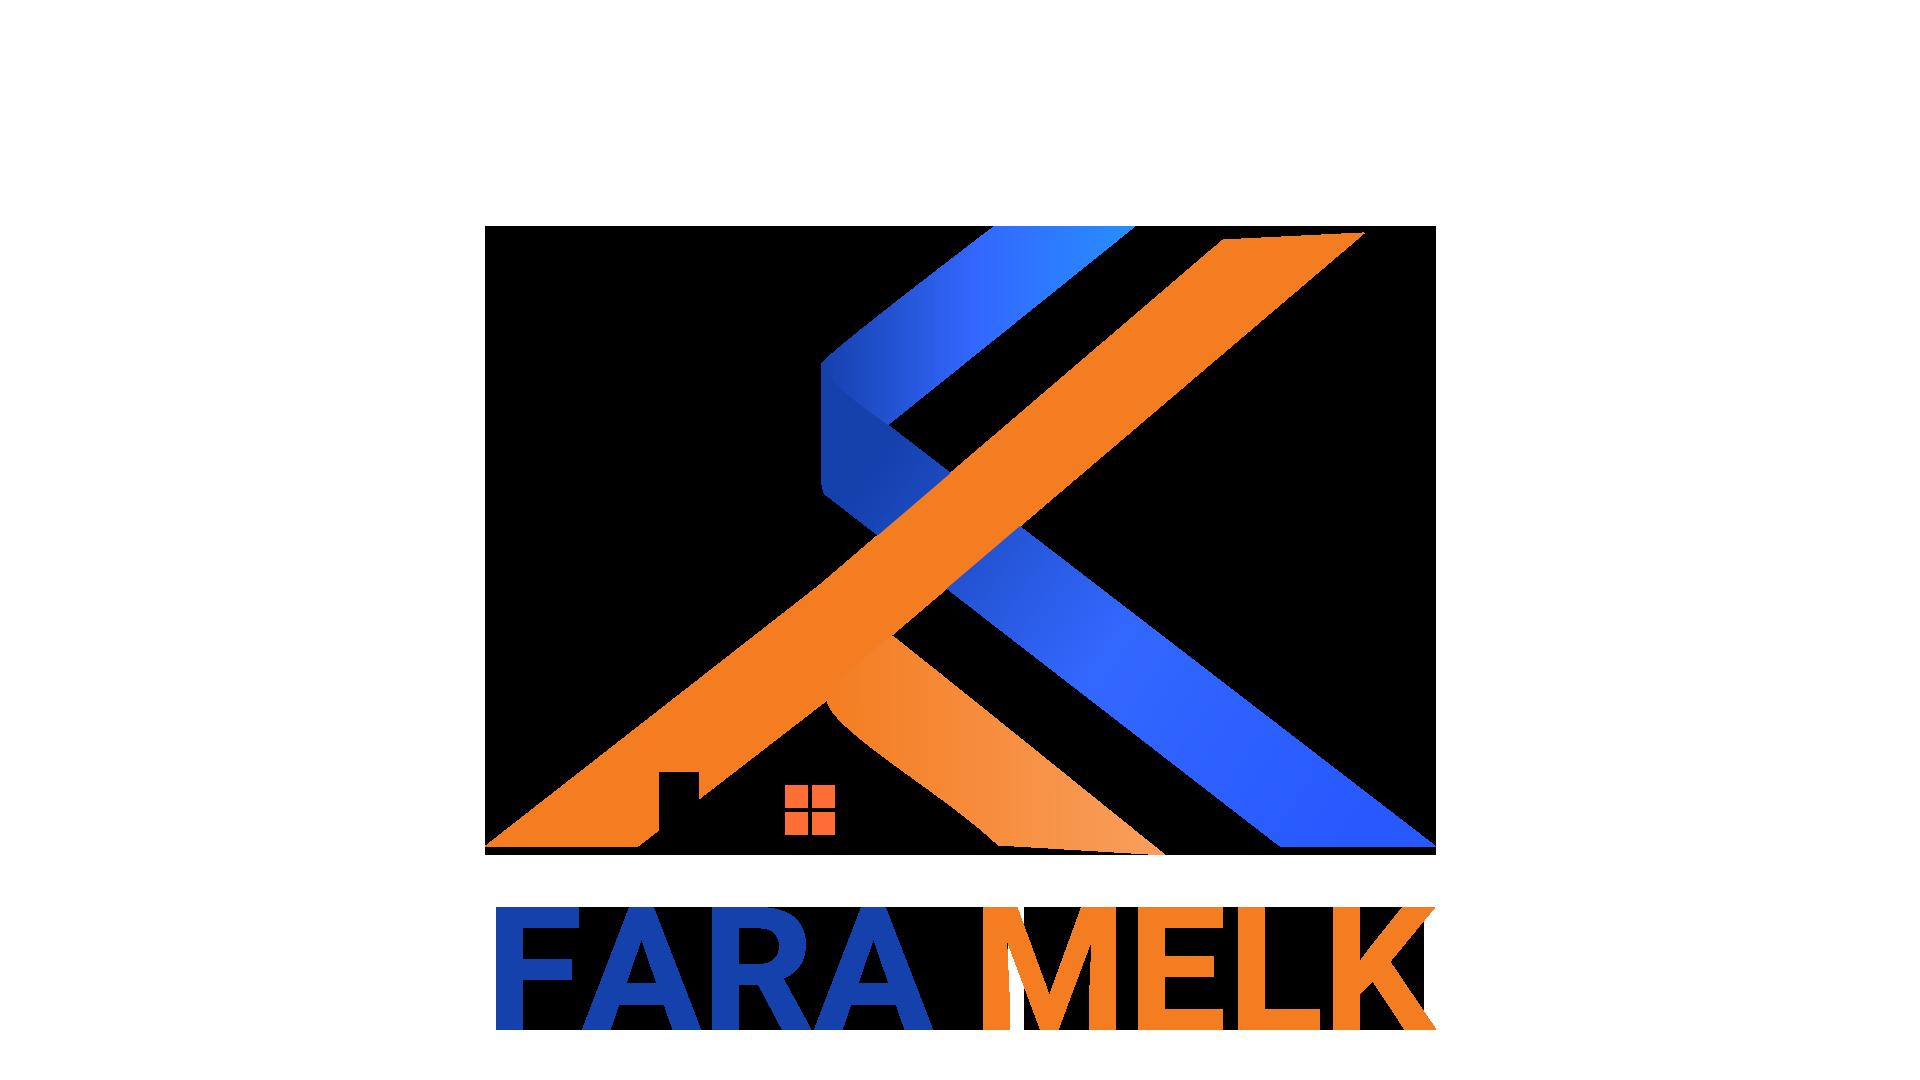 فراملک ، آموزش تخصصی املاک